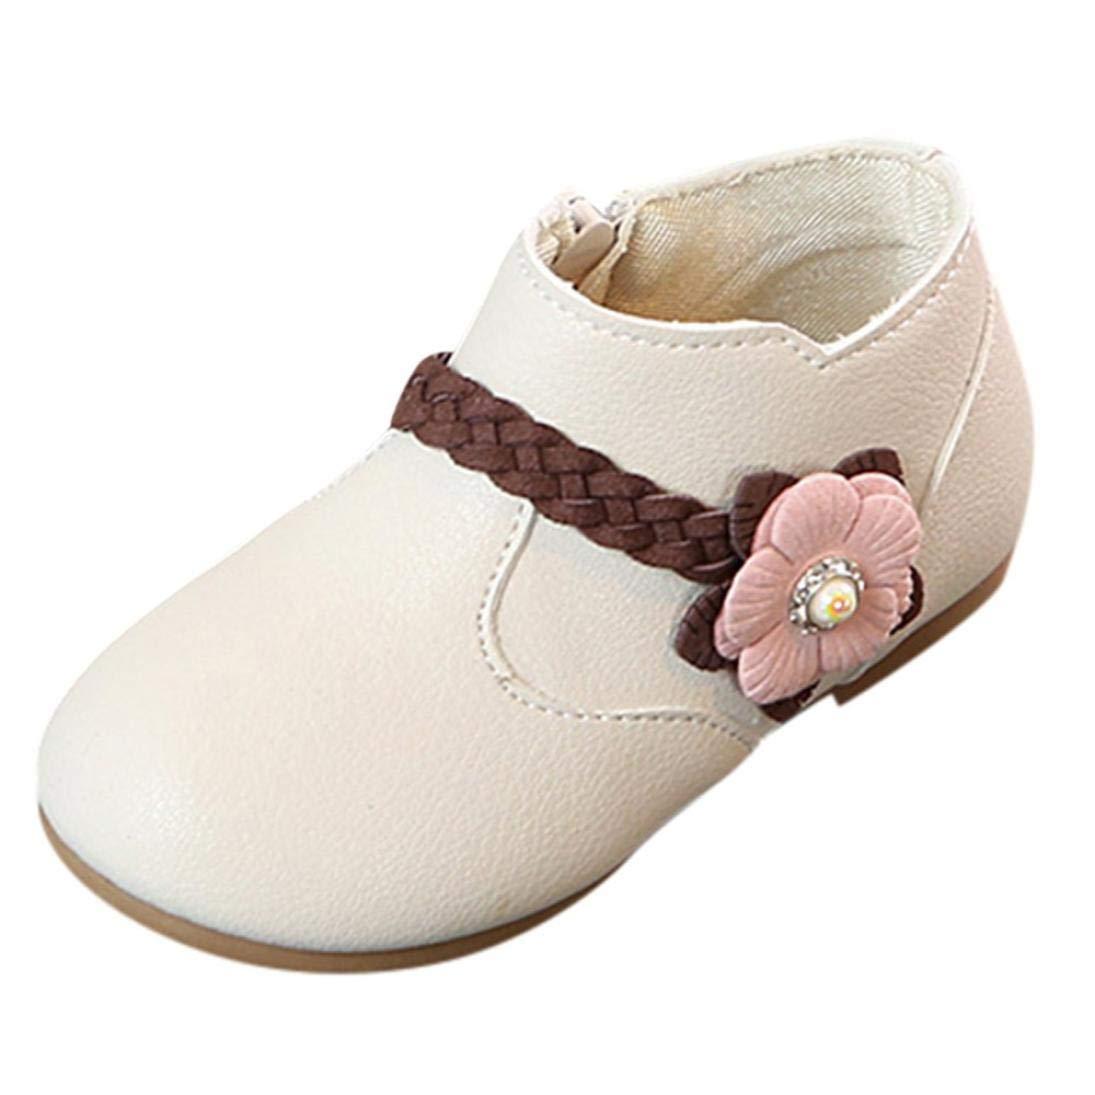 ELECTRI Bébé Chaussures de Princesse de Bottillons de Couleur Unie Tissage de Fleurs Fille Princesse Chaussures de Sport Enfants Nourrissons Filles Chaussures Asakuchi